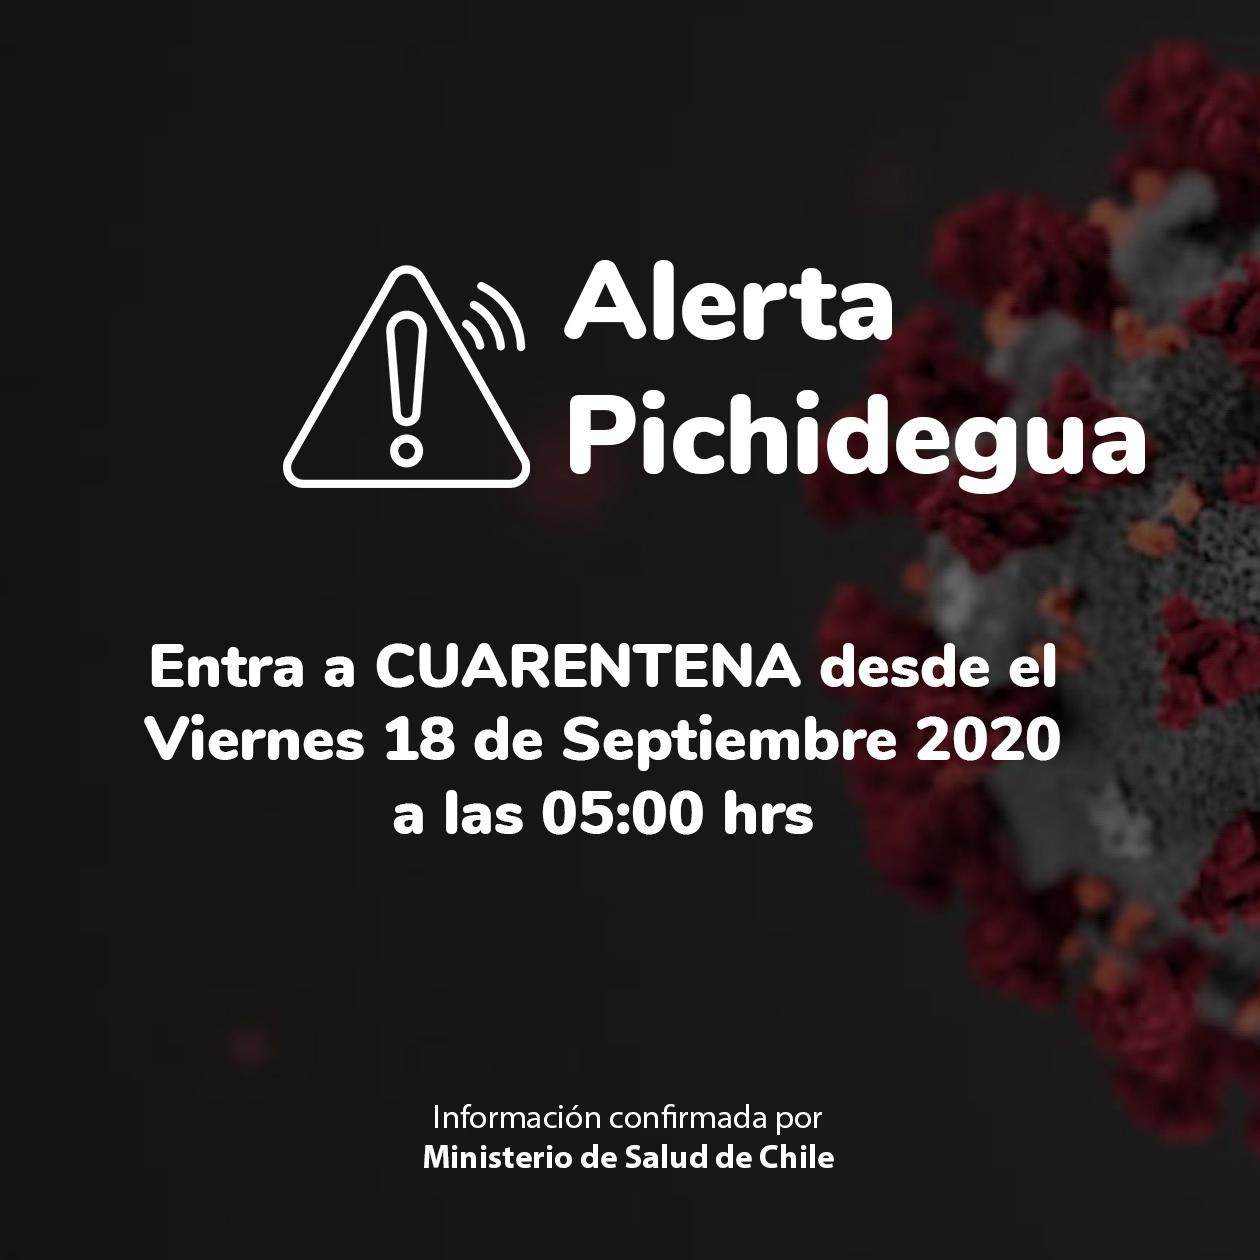 Fotografía de Pichidegua en Cuarentena desde el 18 de Septiembre: Lo que se puede y no en Paso 1